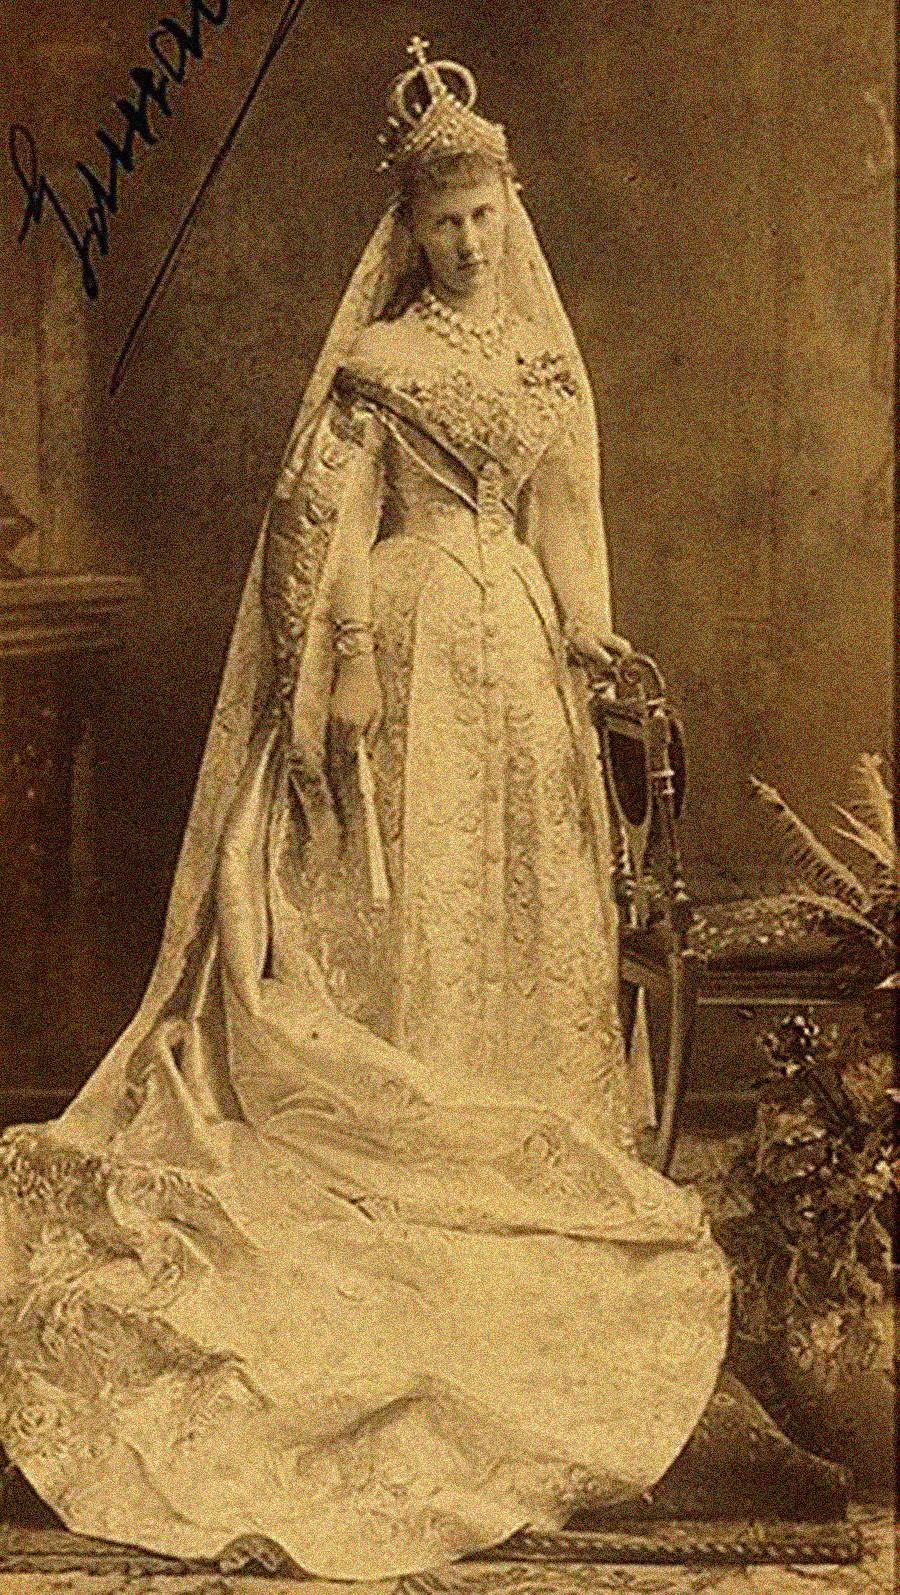 Grã-duquesa Isabel Mavrikievna, neta de Nikolai 1°, com vestido de noiva, 1884.